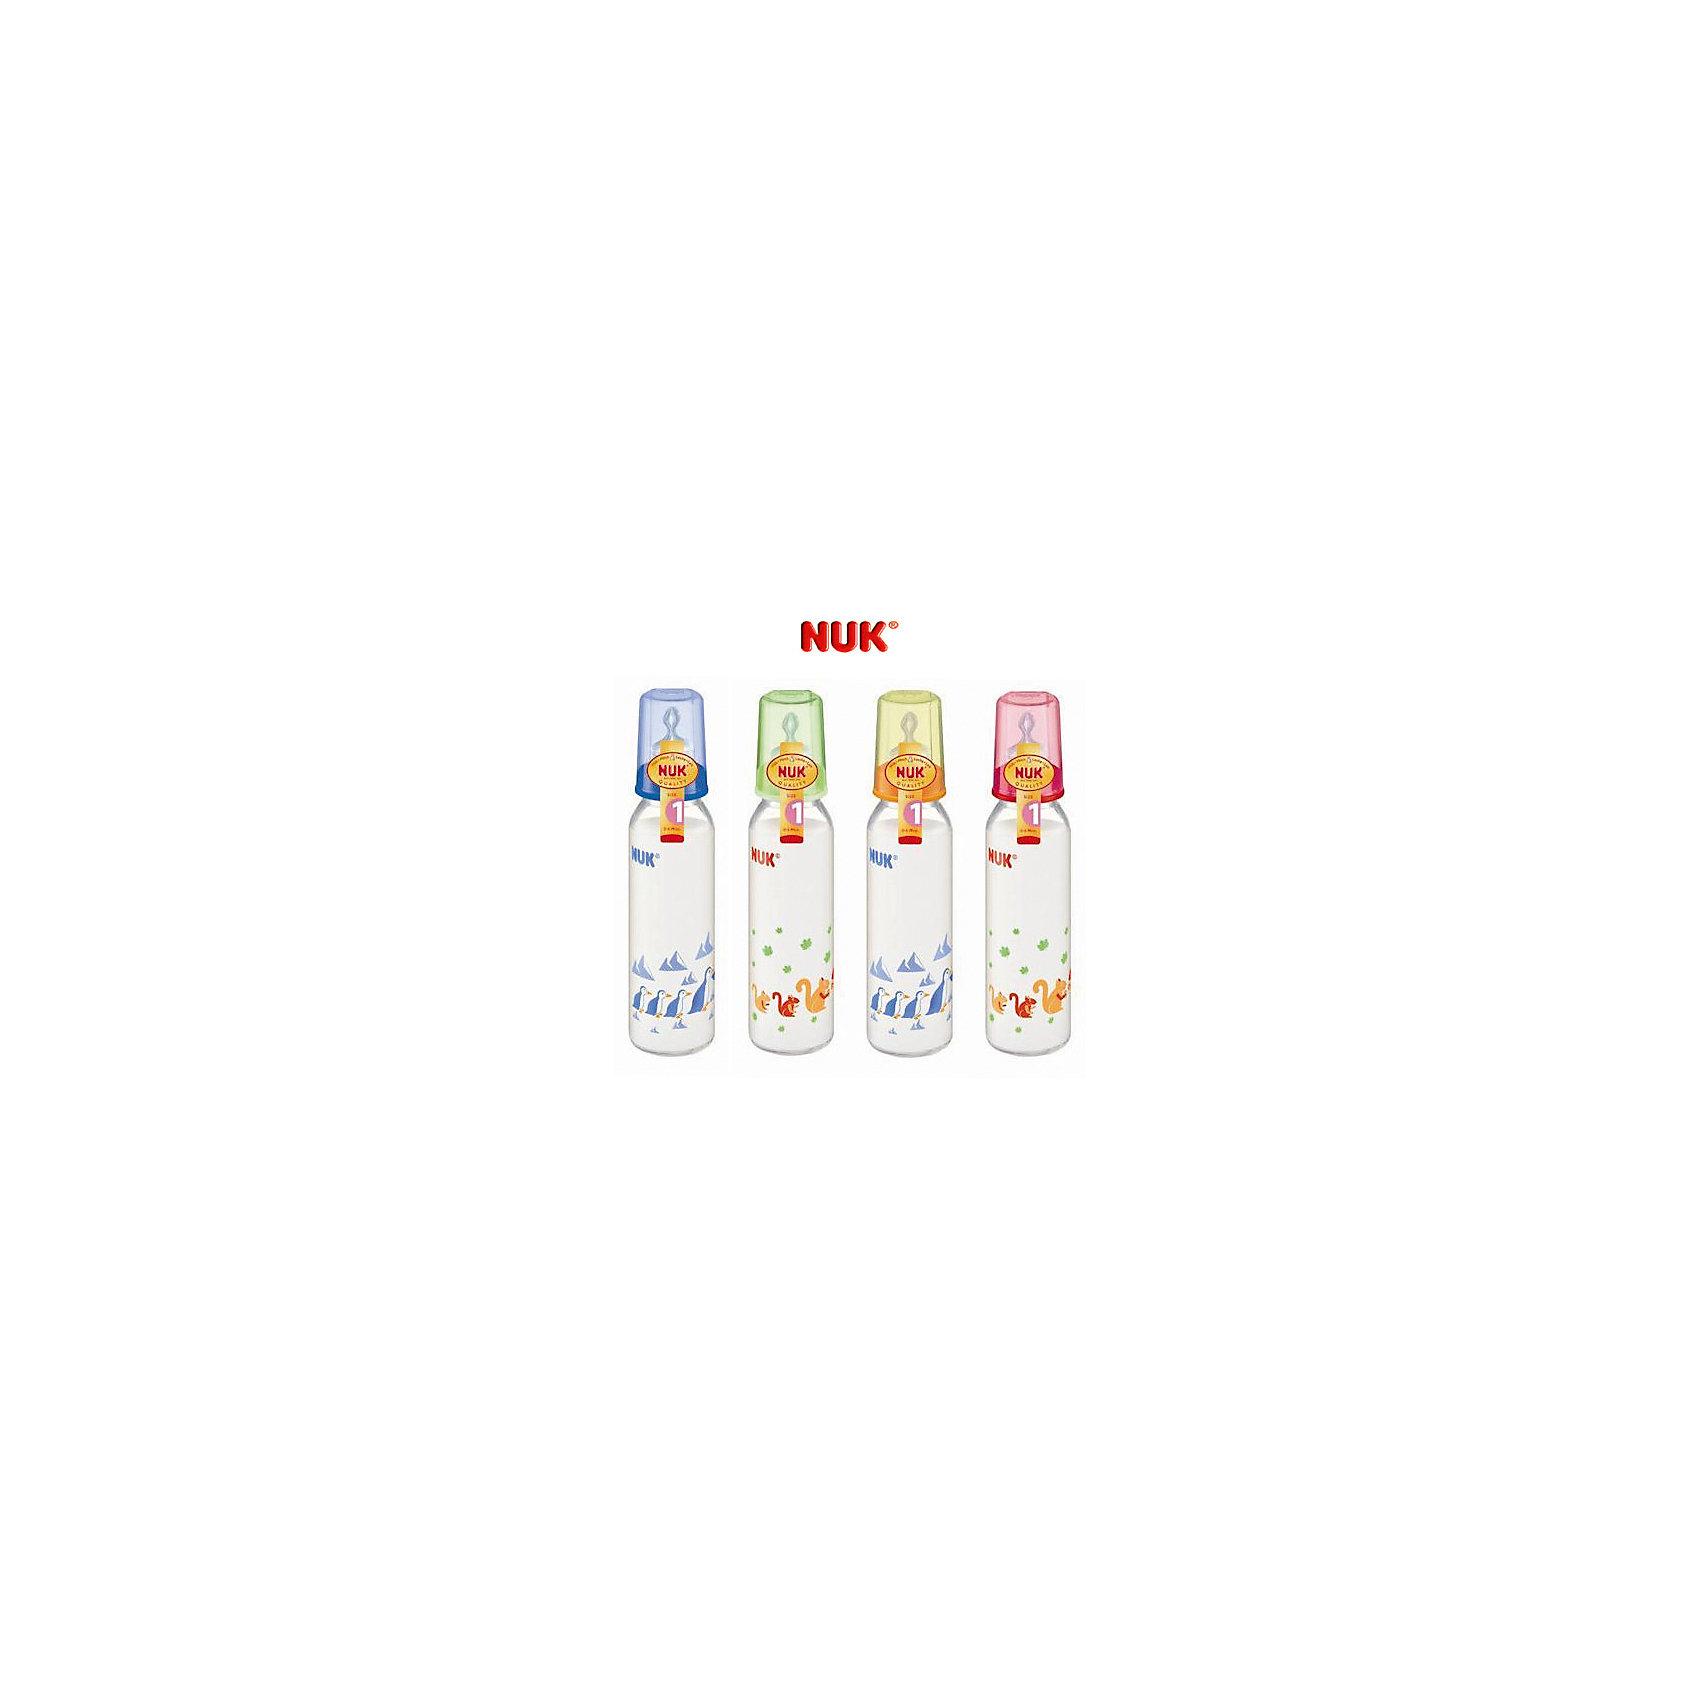 Бутылочка полипропиленовая (240 мл) с силиконовой соской, NUK210 - 281 мл.<br>Одна из важнейших задач родителей - обеспечить ребенку правильное и комфортное питание. Современные технологии помогают это сделать достаточно легко. Пример тому: эта бутылочка со специальной соской.<br>Бутылочка имеет удобную форму, она герметична и сделана из безопасного даже для самых маленьких пластика. Соска произведена из силикона - на сегодняшний день это один из лучших материалов для производства сосок. Она имеет отверстие, рассчитанное на жидкое питание. Форма соски позволяет обеспечить малышу комфорт при питании, а также предотвратить заглатывание воздуха и образование колик. Подарите удобство себе и ребенку!<br><br>Дополнительная информация:<br><br>цвет: разноцветный;<br>материал: пластик, силикон;<br>возраст ребенка: с рождения;<br>противоколиковый клапан;<br>для жидких продуктов;<br>объем: 240 мл.<br><br>Бутылочку полипропиленовую (240 мл) с силиконовой соской от компании NUK можно купить в нашем магазине.<br><br>Ширина мм: 90<br>Глубина мм: 240<br>Высота мм: 50<br>Вес г: 120<br>Возраст от месяцев: 0<br>Возраст до месяцев: 6<br>Пол: Унисекс<br>Возраст: Детский<br>SKU: 3932431